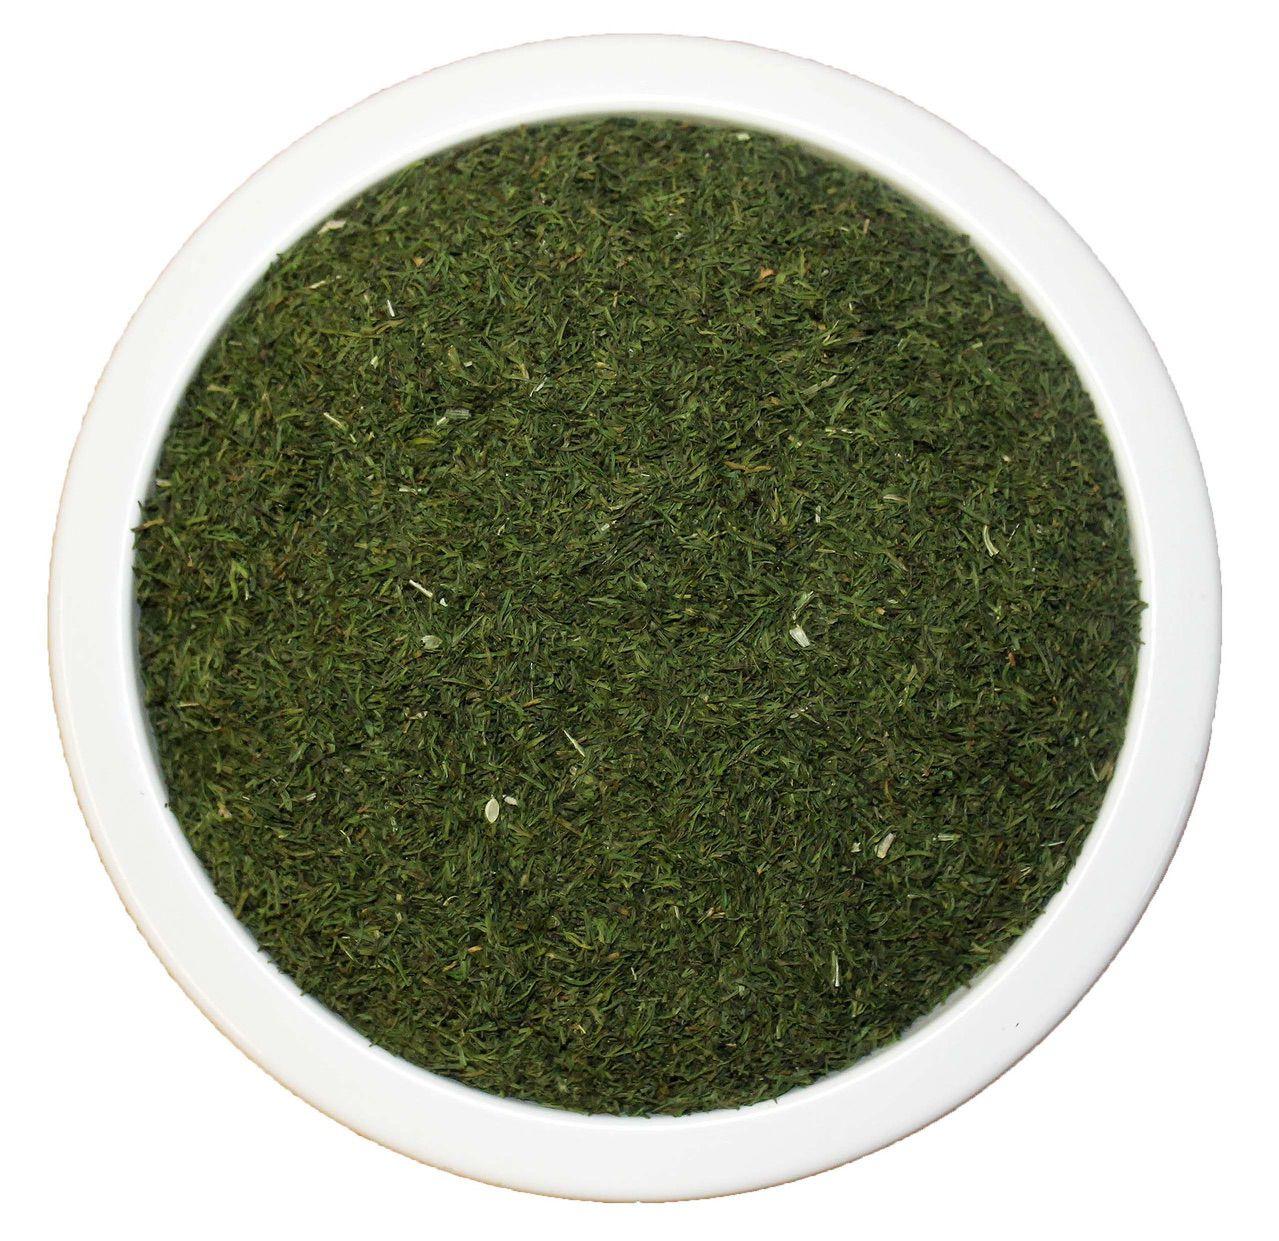 Dill gerebelt Dillspitzen 250g Gewürz Salat Deutschland Top Ware PEnandiTRA ®